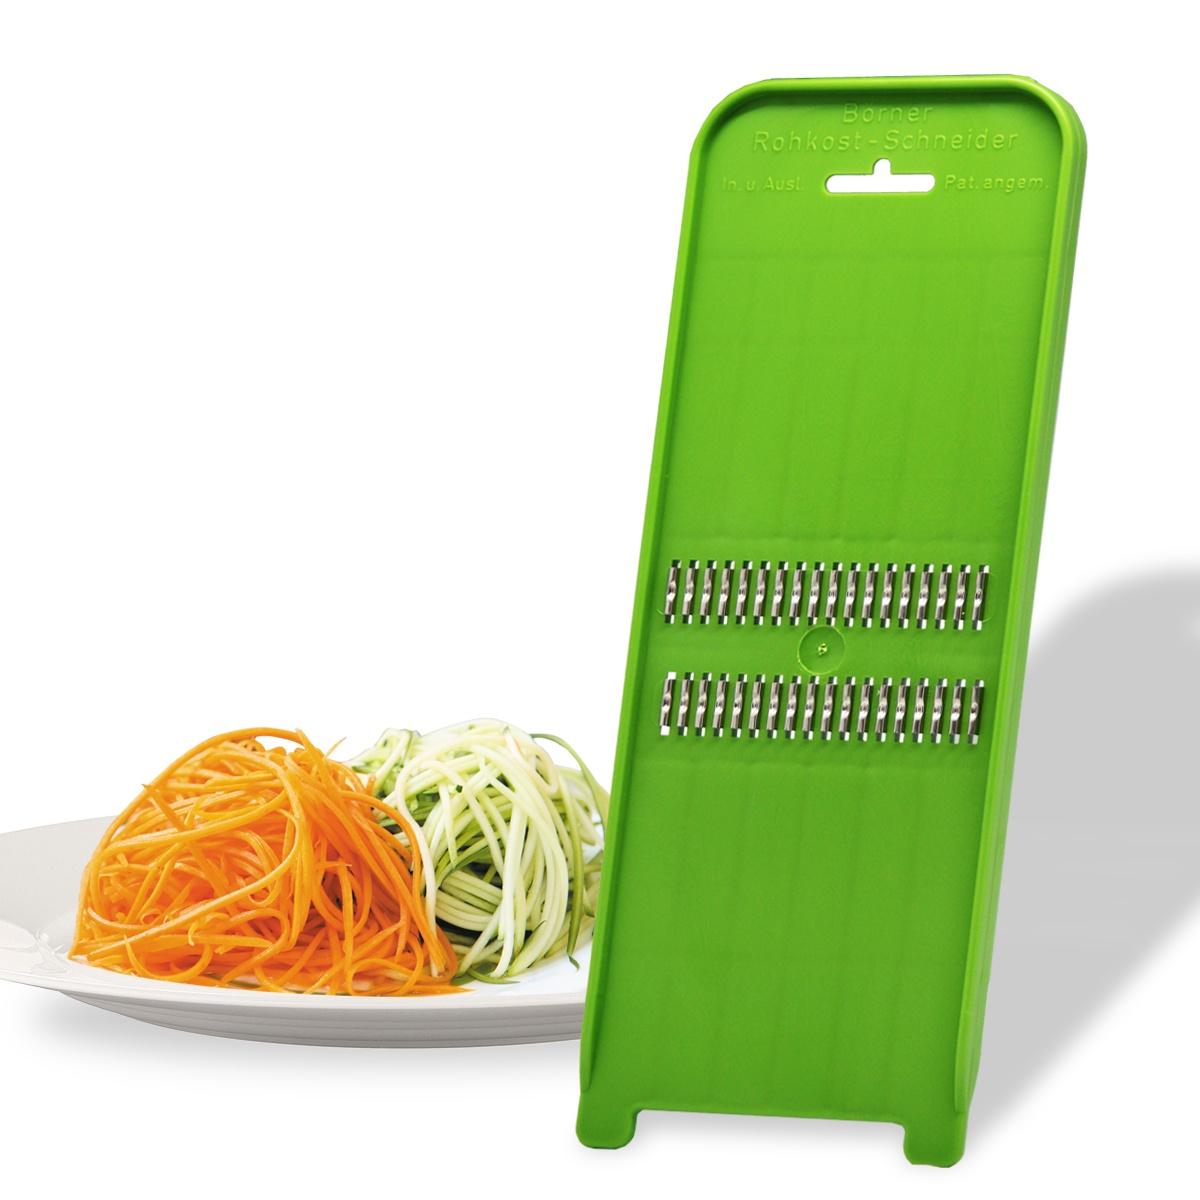 Роко-терка Borner Classic (Германия) для корейской моркови, цвет: салатовый овощерезка для декораций borner классика германия цвет салатовый